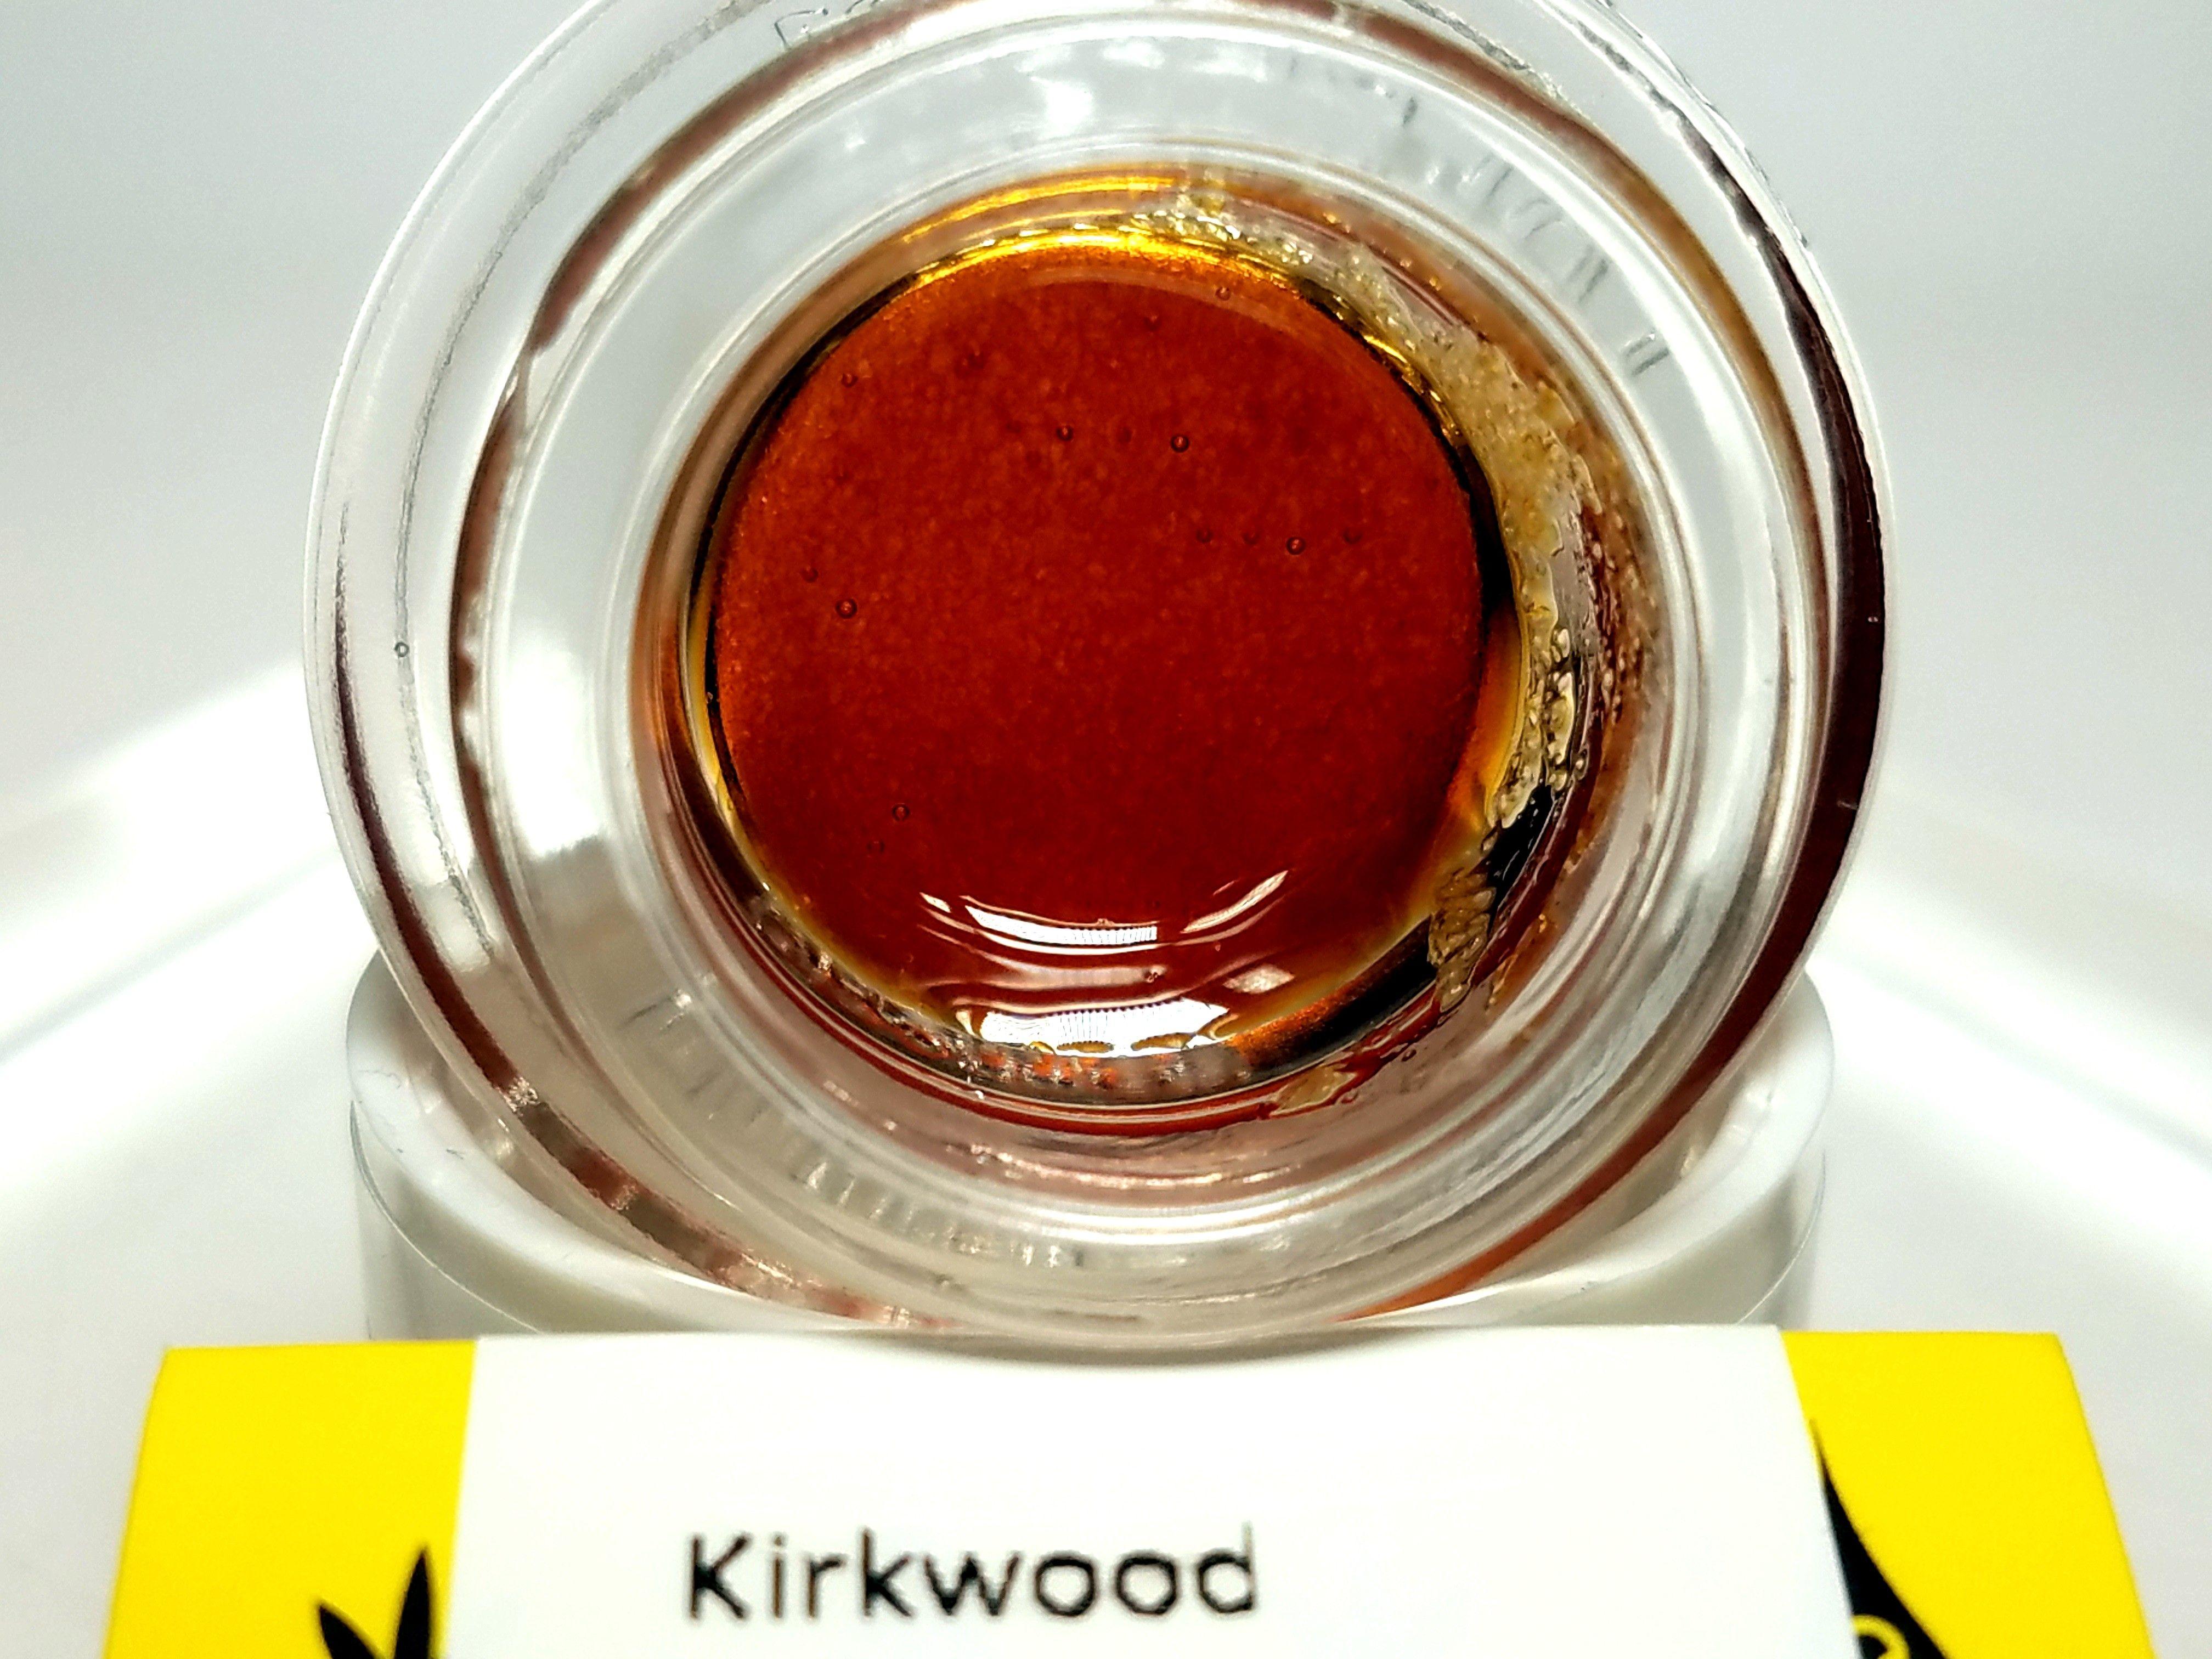 Bobsled - Kirkwood OG, Indica Hybrid, Sauce